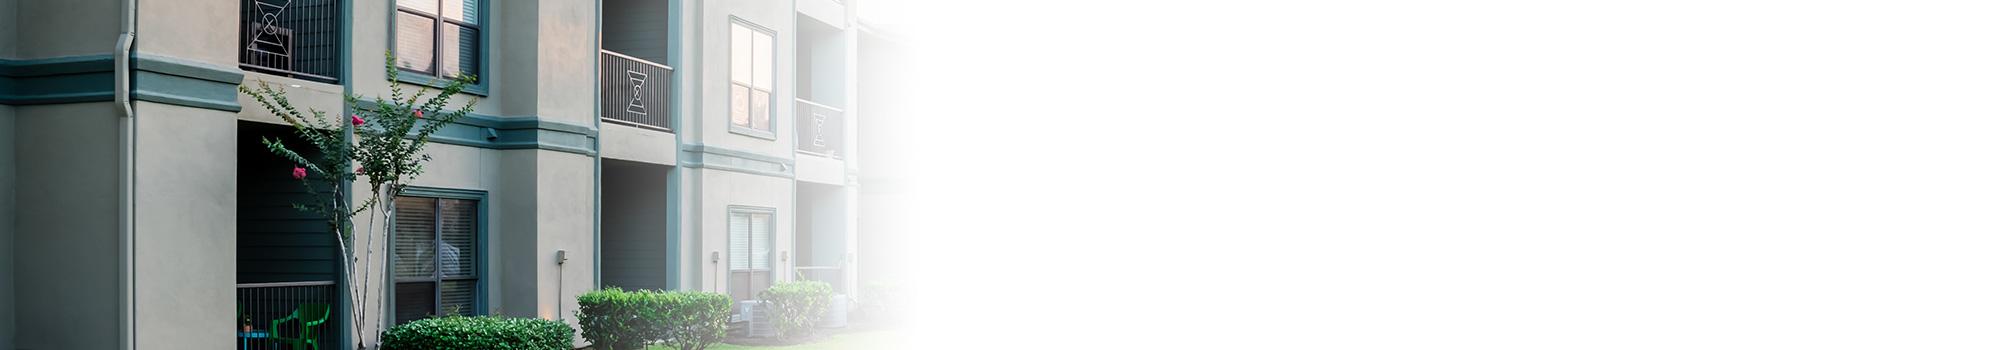 Fiducy Invest - Construire votre patrimoine immobilier